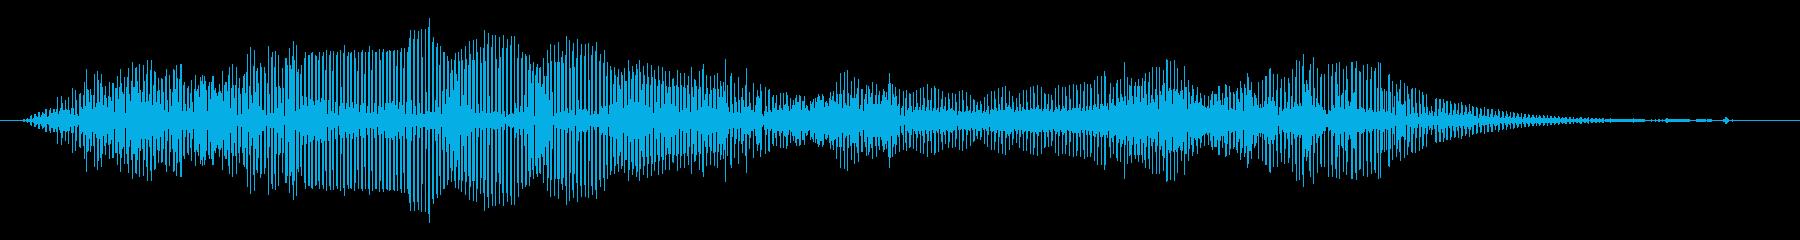 機械 不安定なムービングベースロング01の再生済みの波形